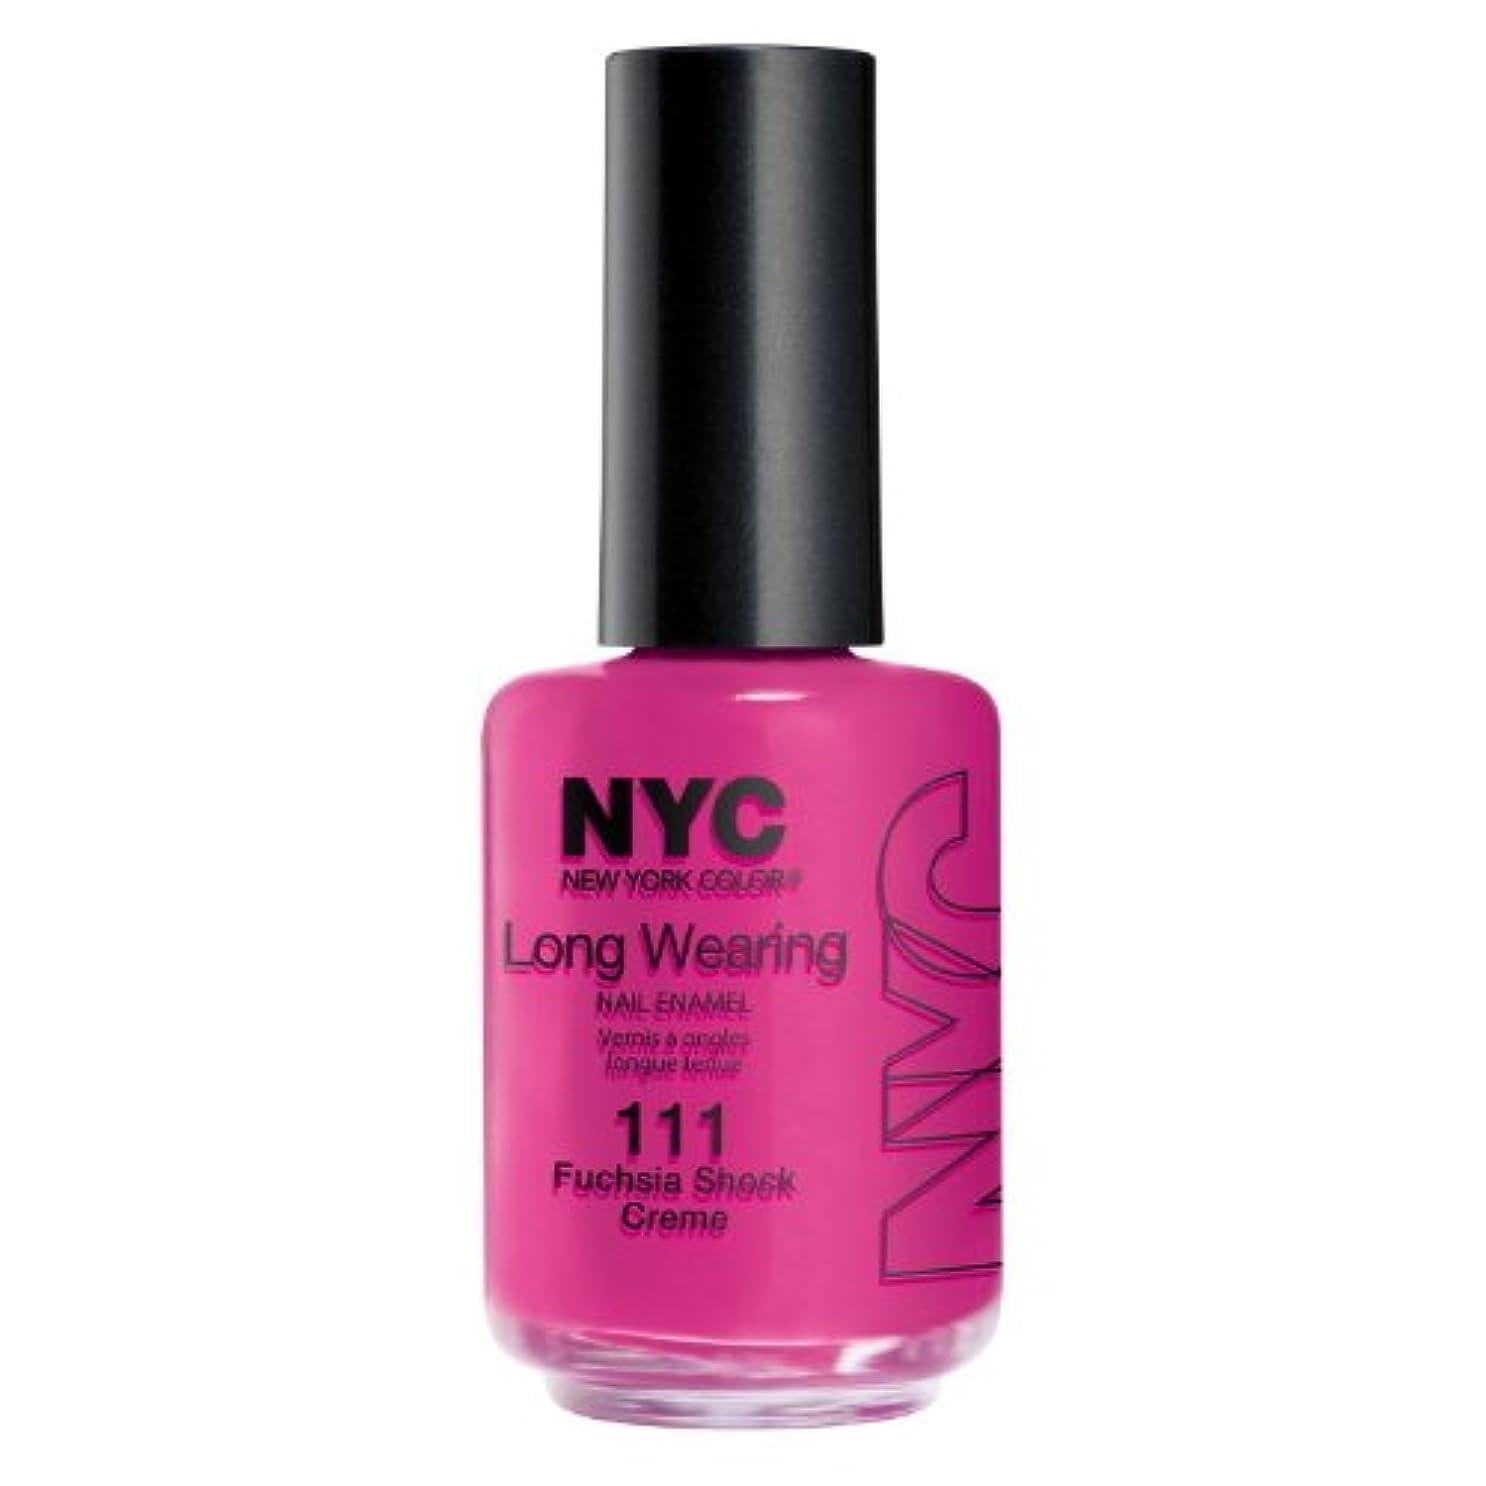 失業ロンドン業界(3 Pack) NYC Long Wearing Nail Enamel - Fuchisia Shock Creme (並行輸入品)